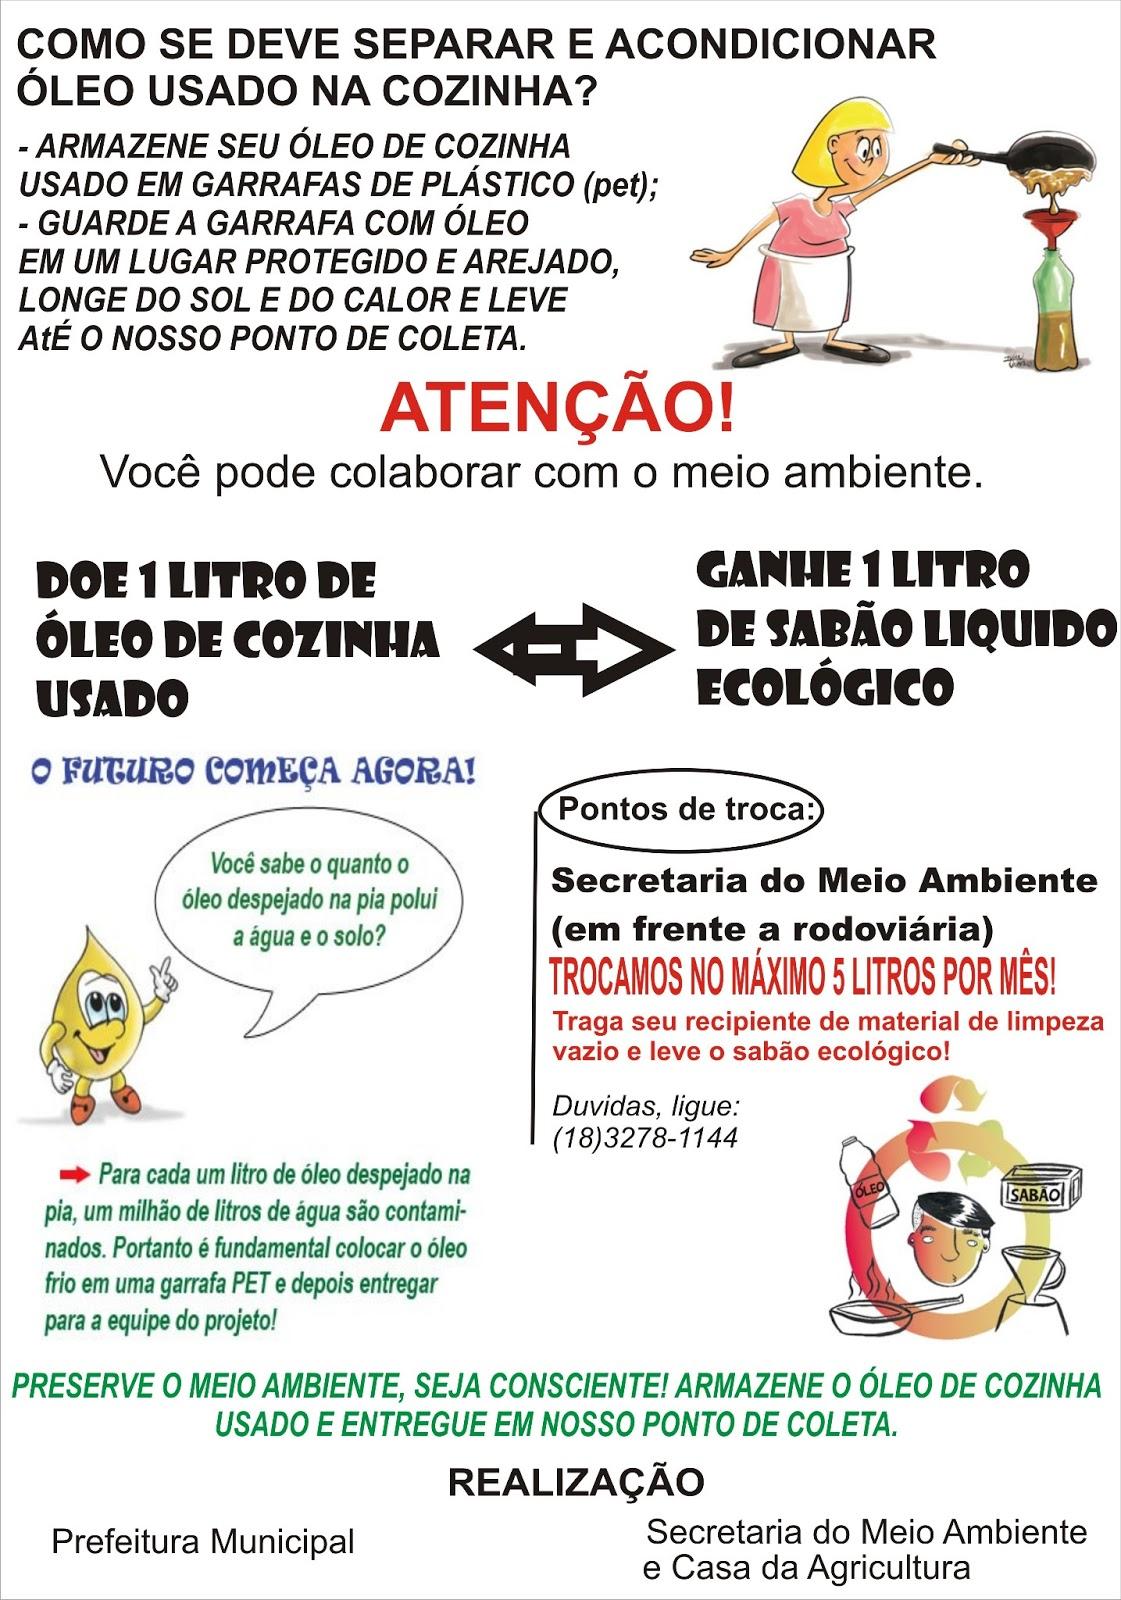 #A72624  PREFEITURA MUNICIPAL DE CAIUÁ: CAIUÁ COLETA ÓLEO DE COZINHA USADO 1121x1600 px Projeto Oleo De Cozinha Usado_4925 Imagens